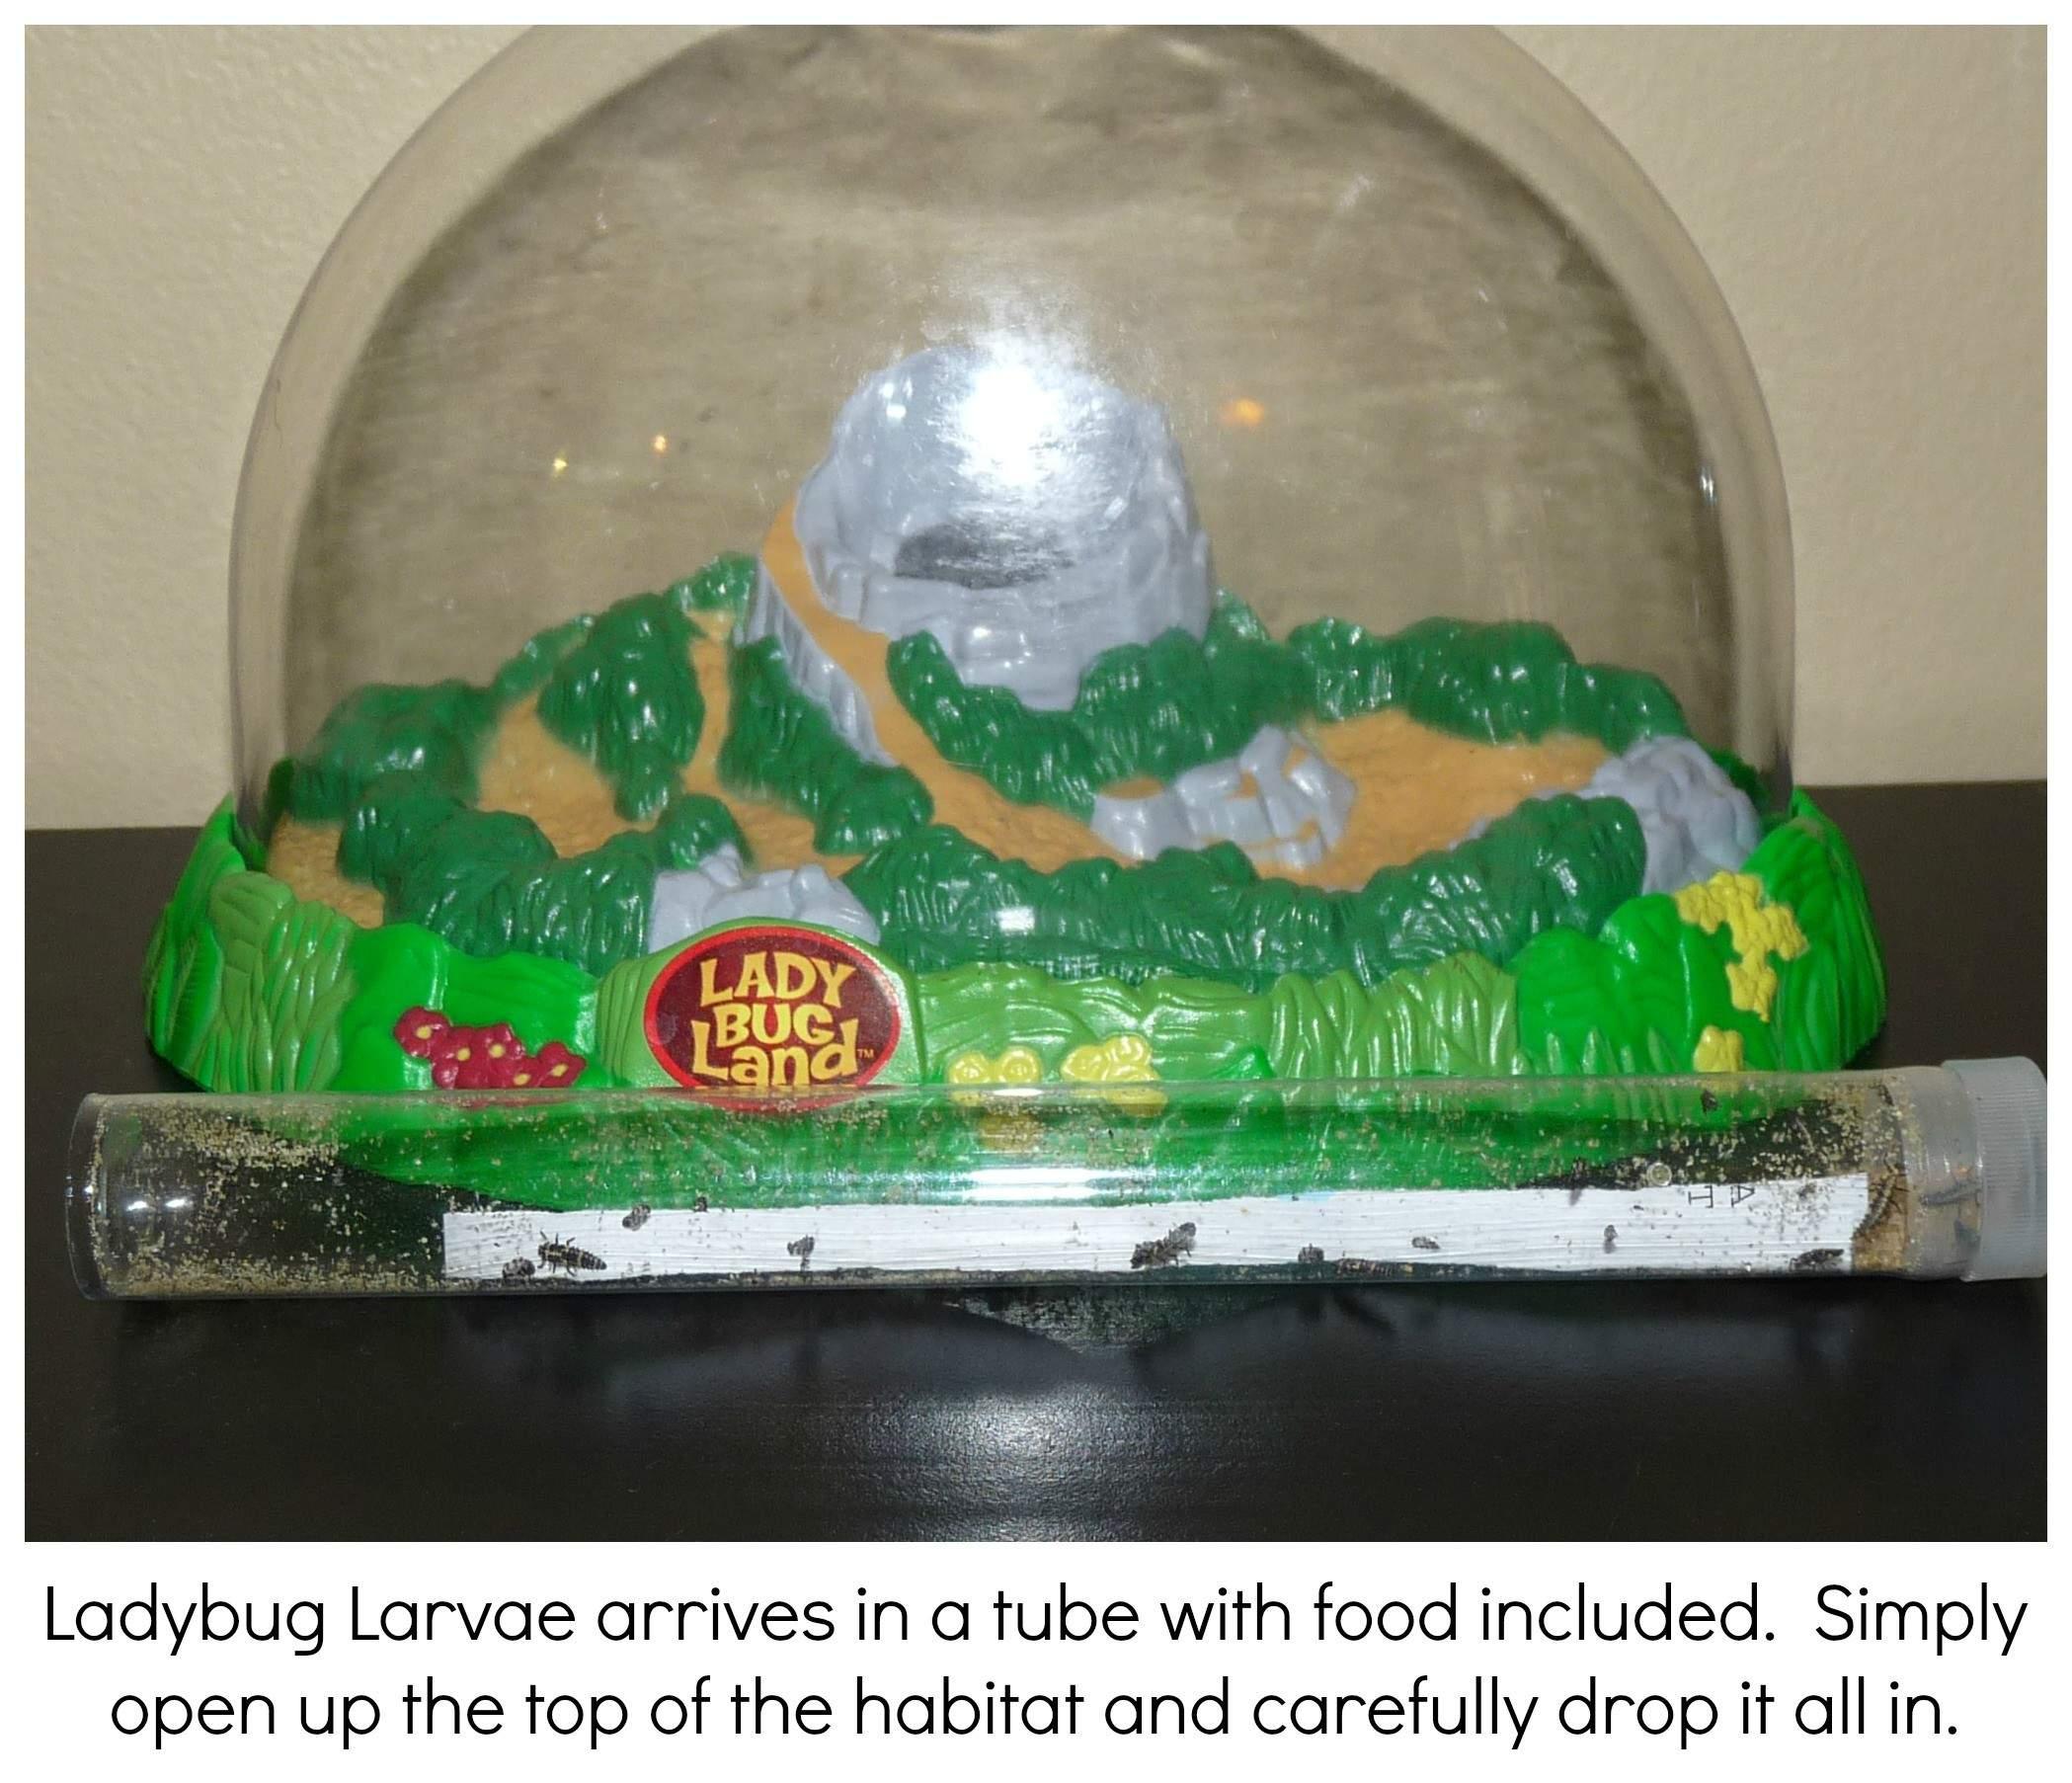 Ladybug Land Larvae